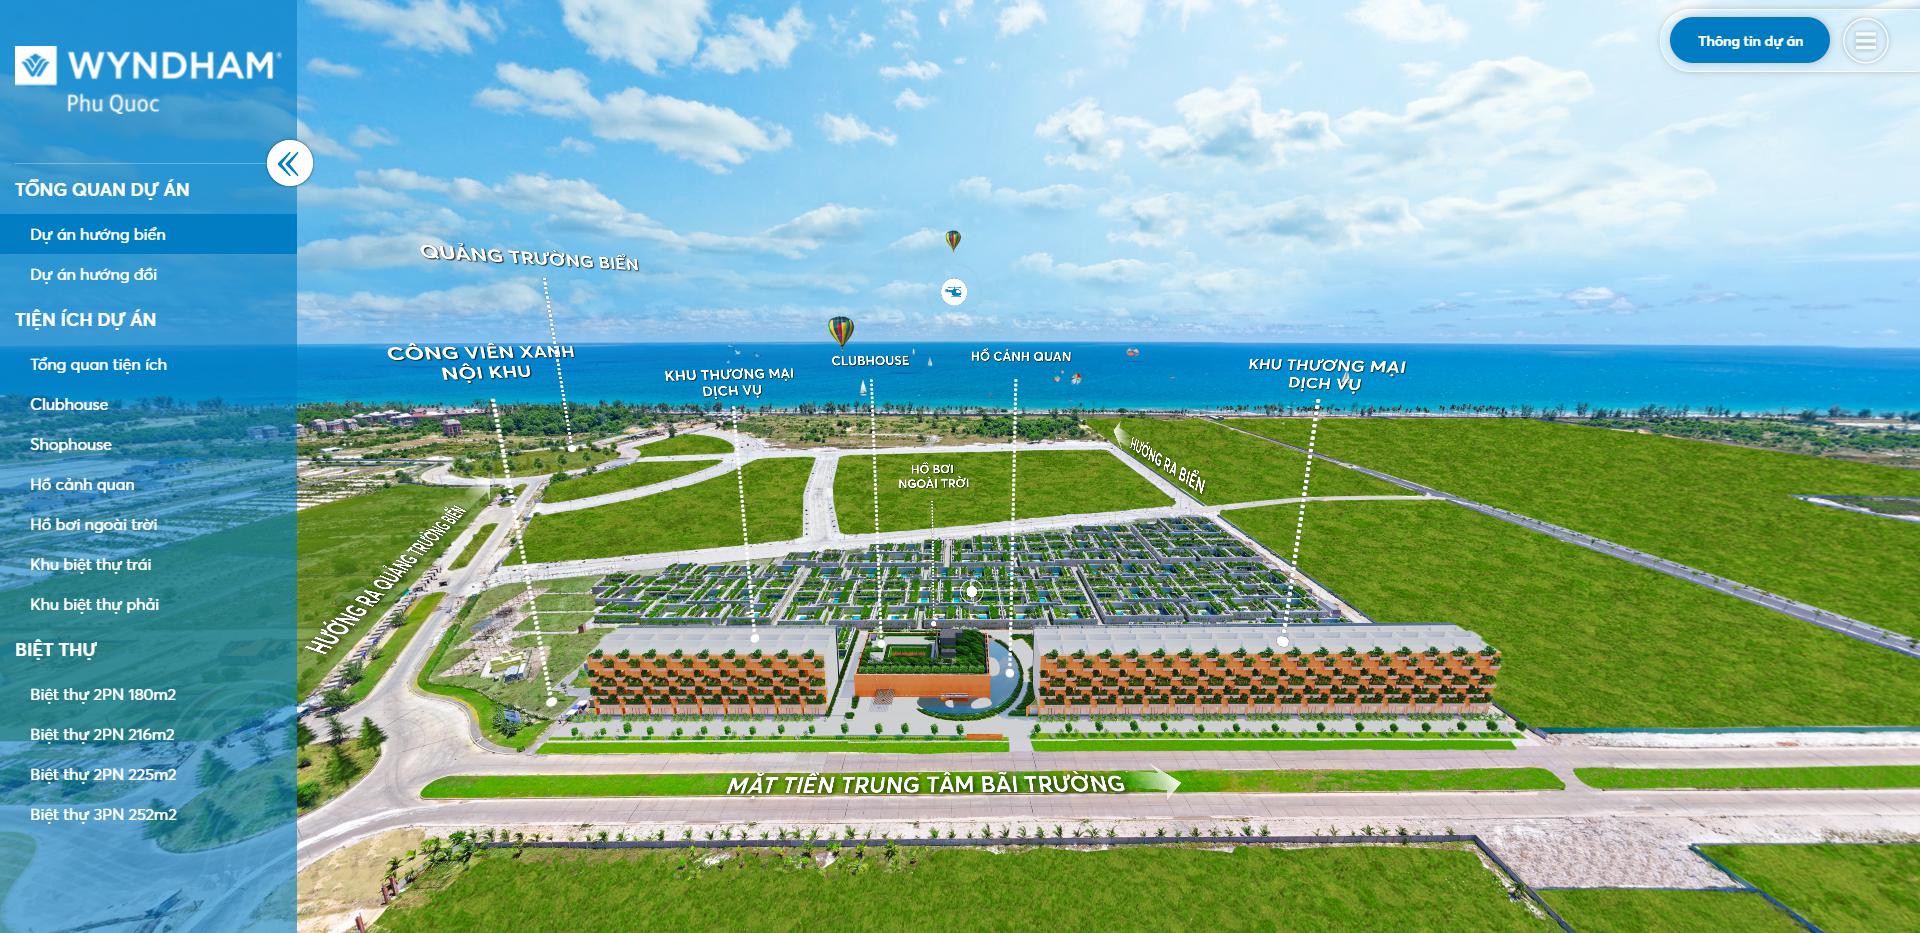 VR Tour 360 BĐS: Dự án Wyndham Phú Quốc